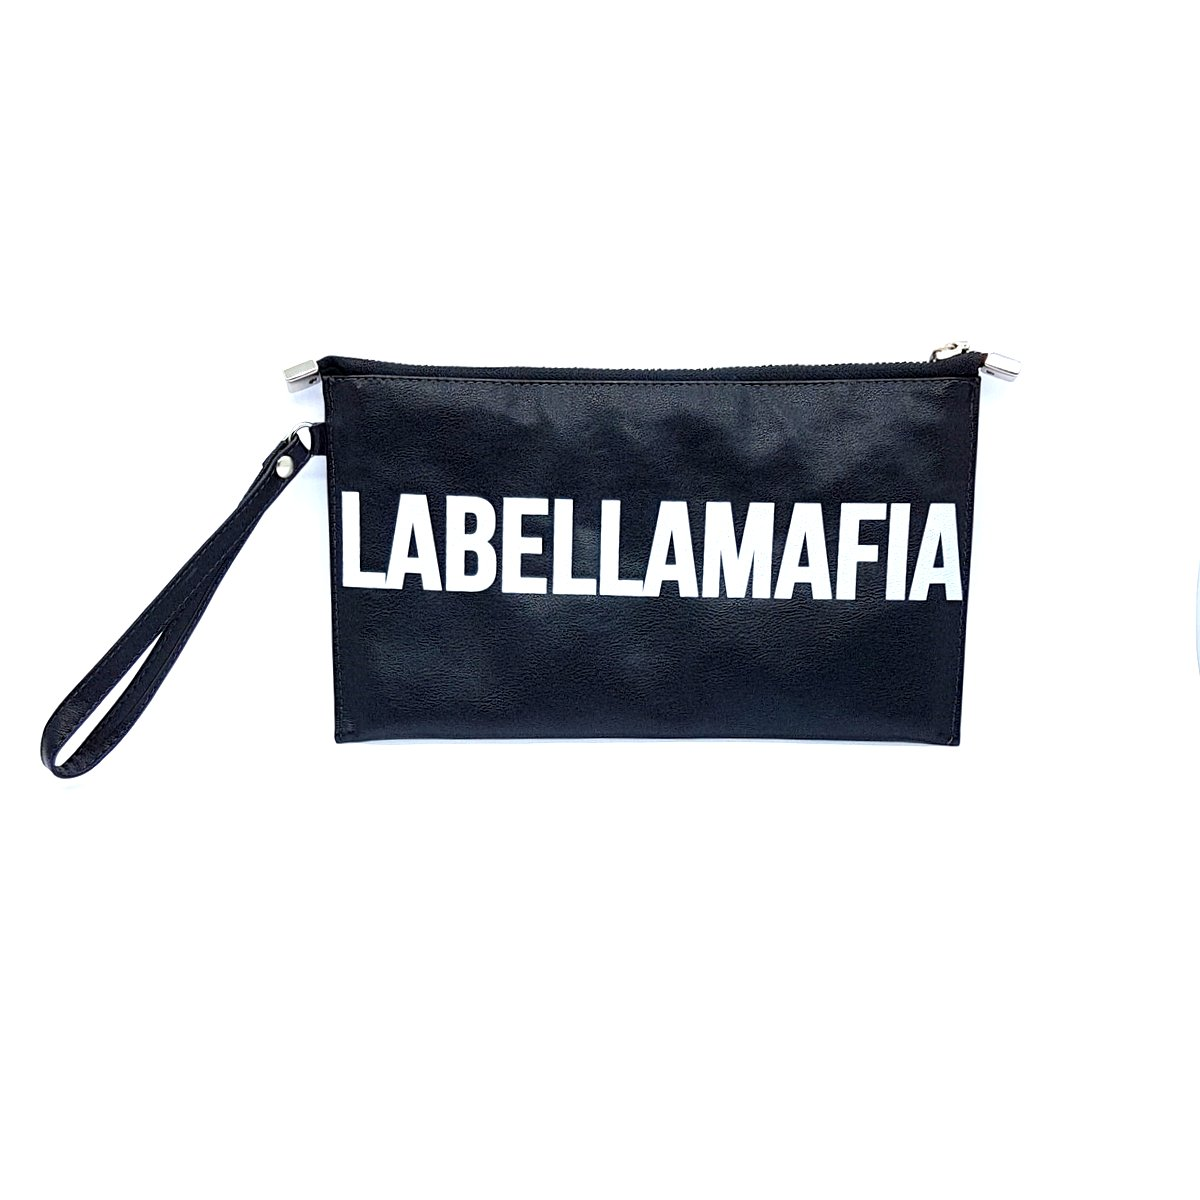 Labellamafia Bolsa Carteira Labellamafia  BO31082